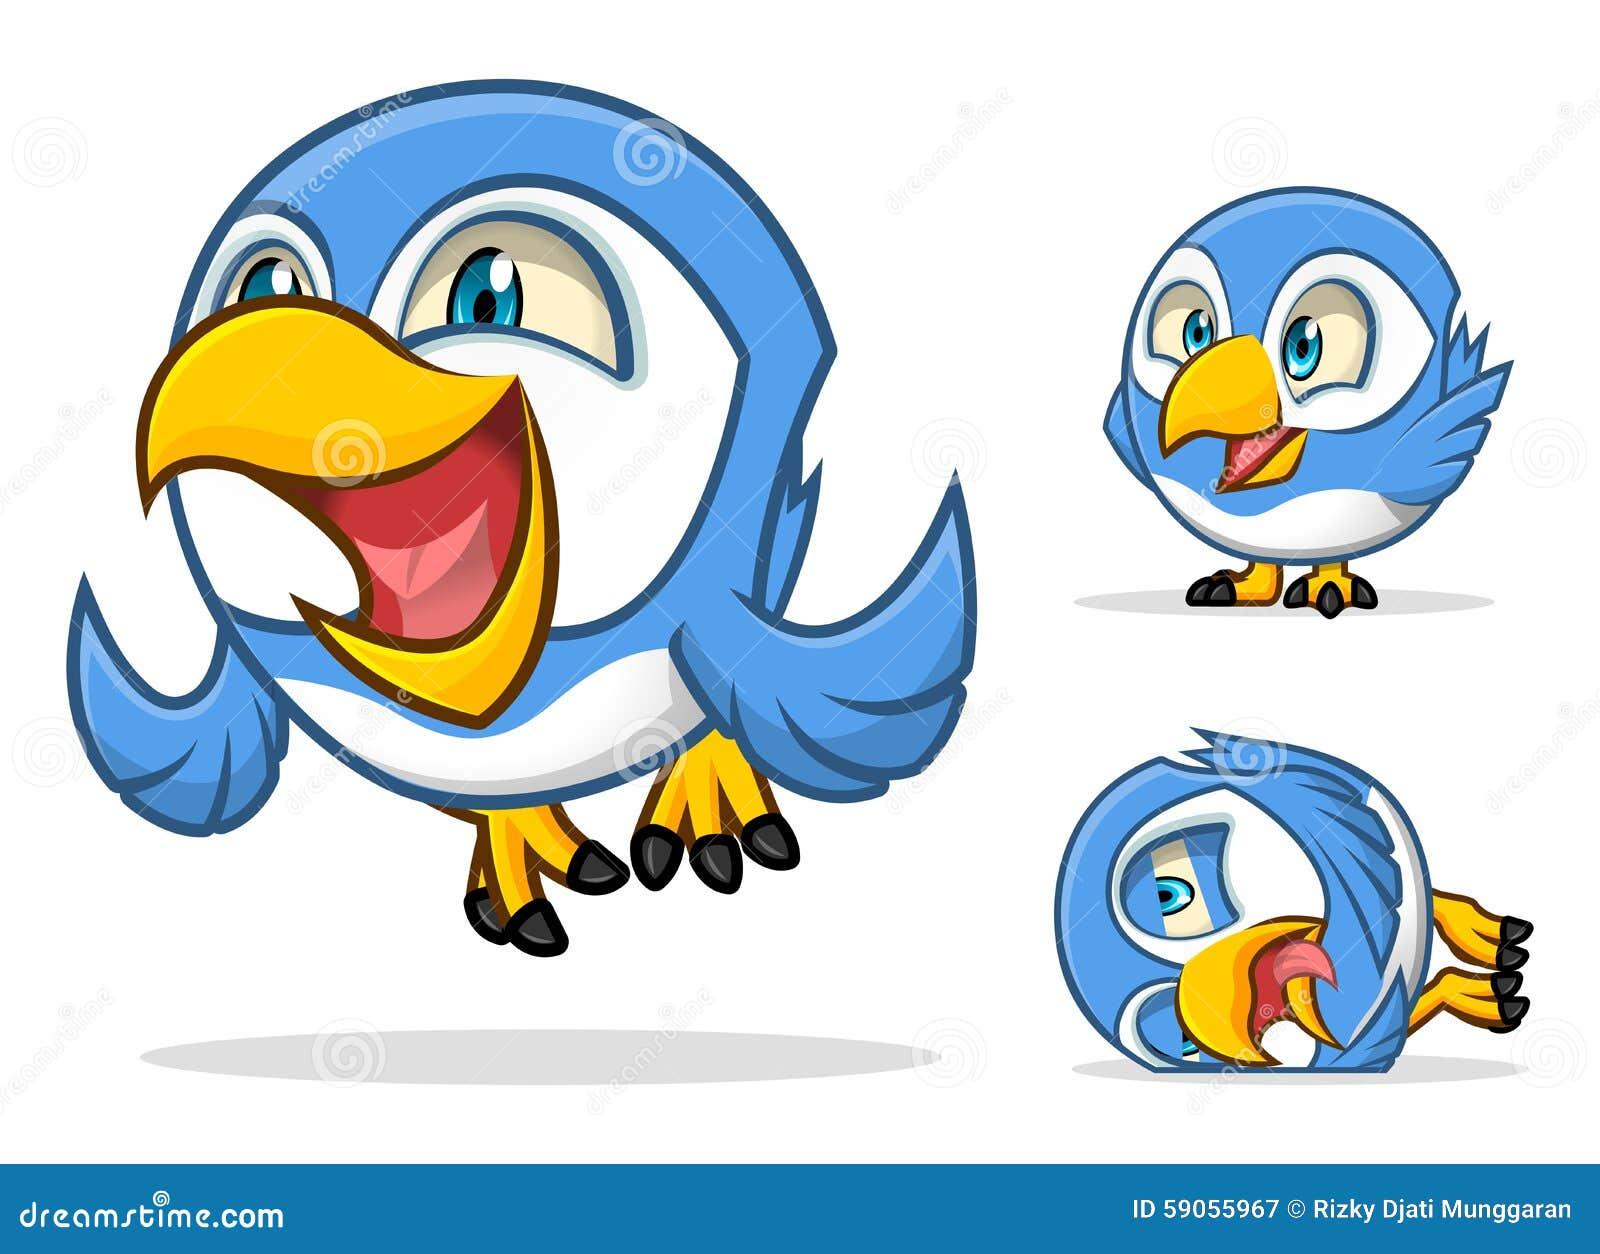 Lustige Blaue Vogel Zeichentrickfilm Figur Vektor Abbildung